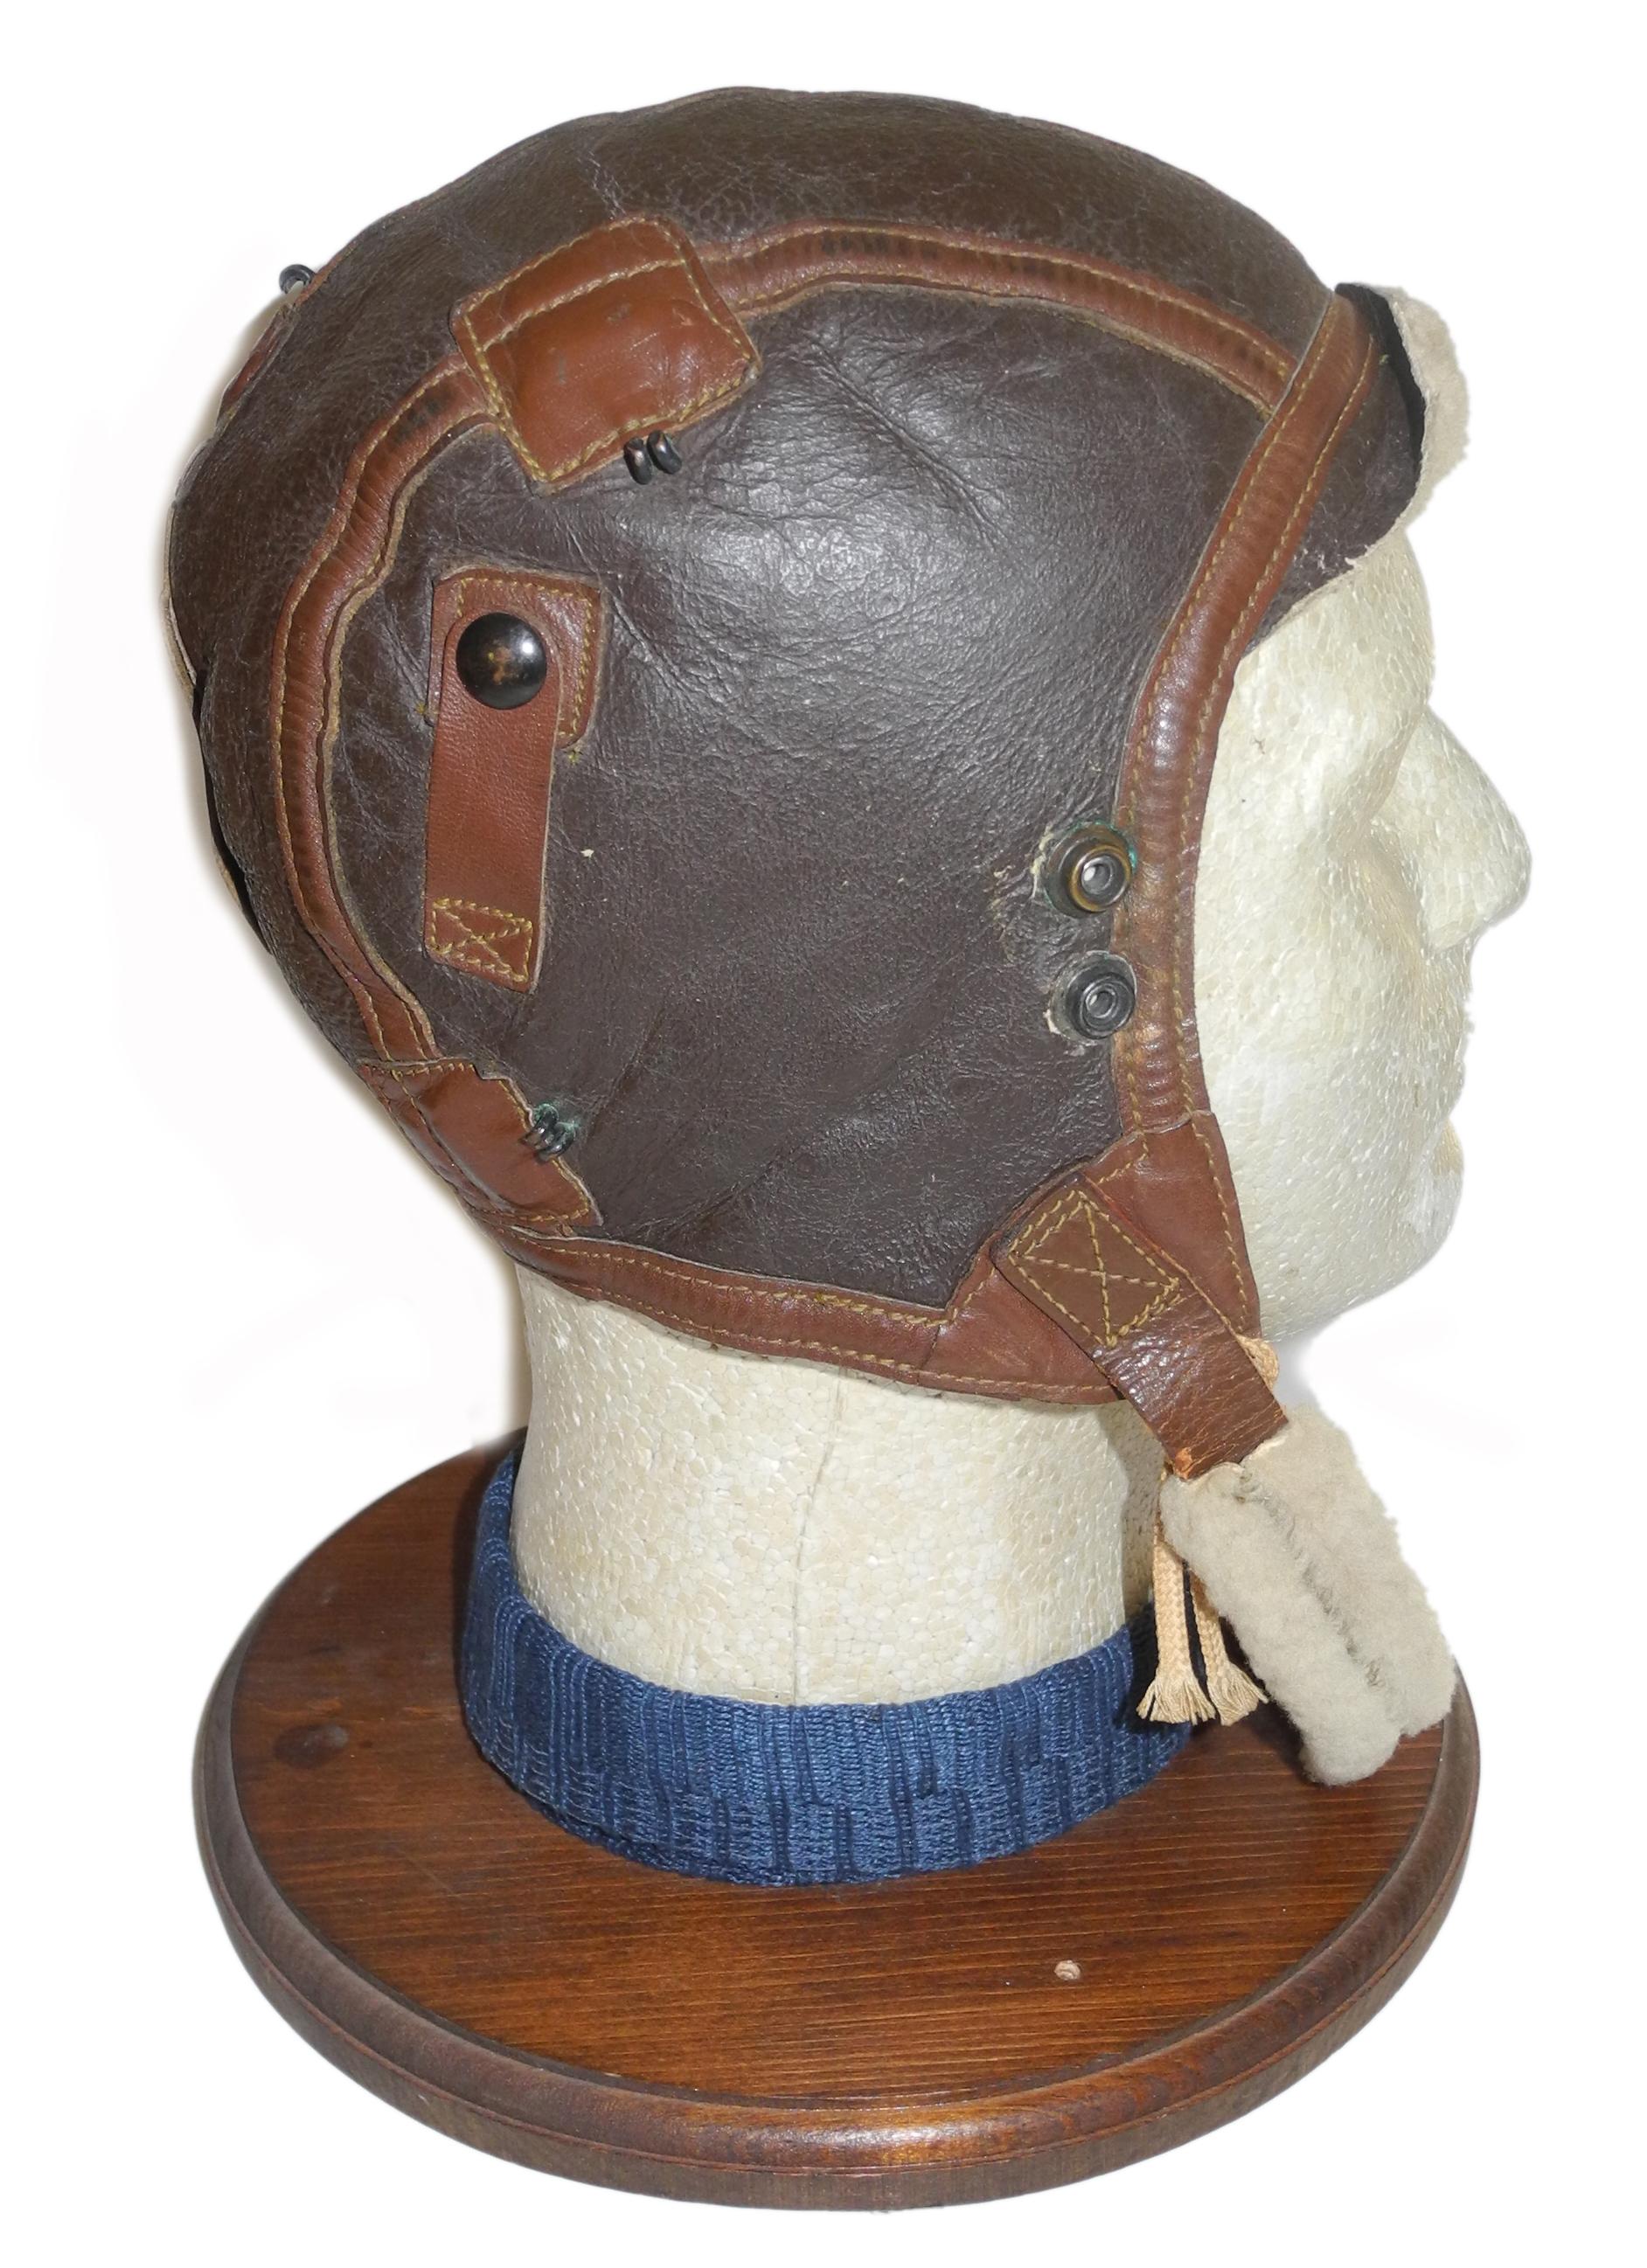 AAF B-6 flying helmet